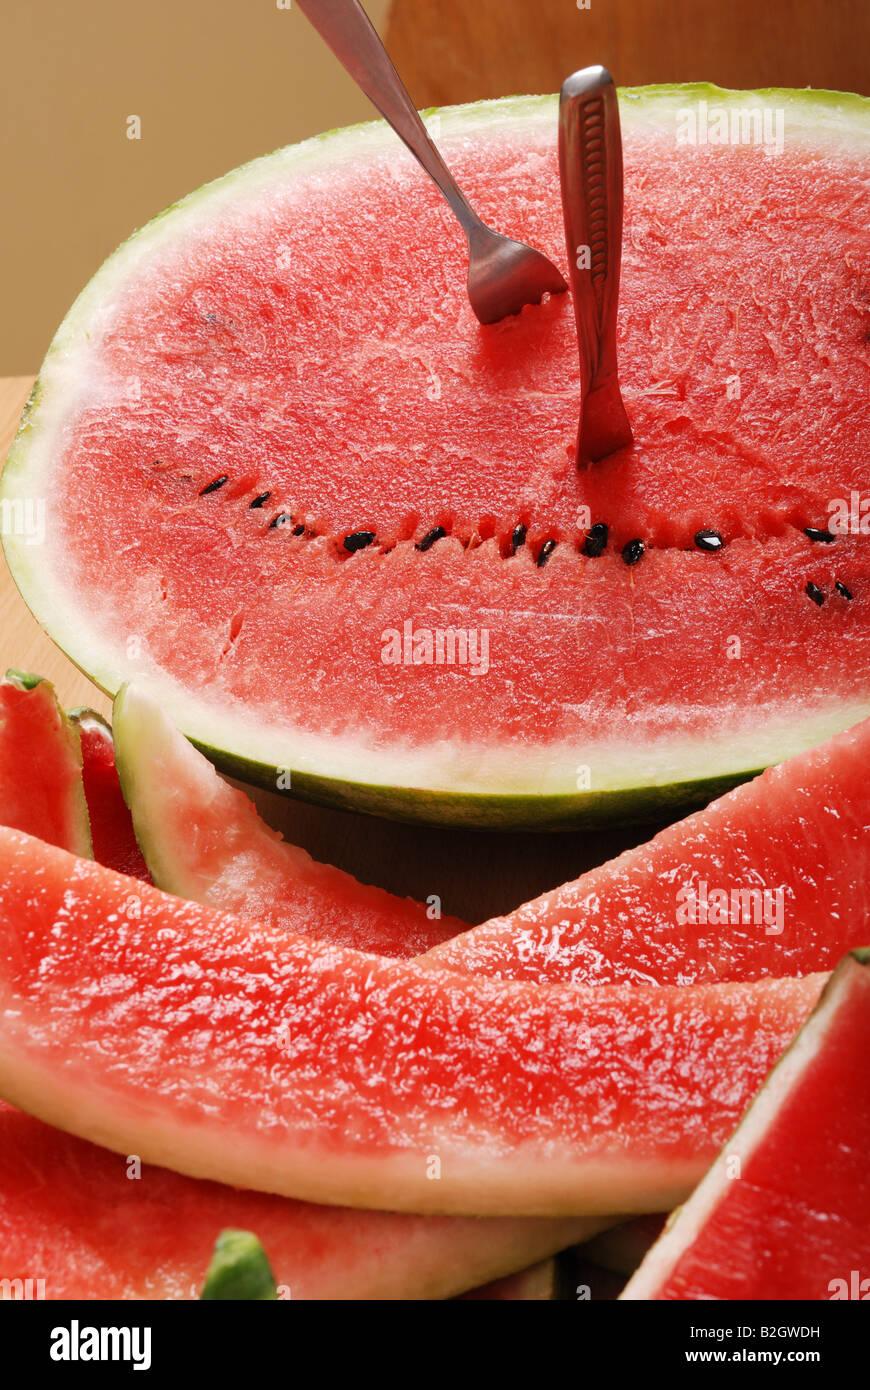 Fresh watermelon avec tranches mangé fourchette et couteau sont collée à la moitié de melon Photo Stock